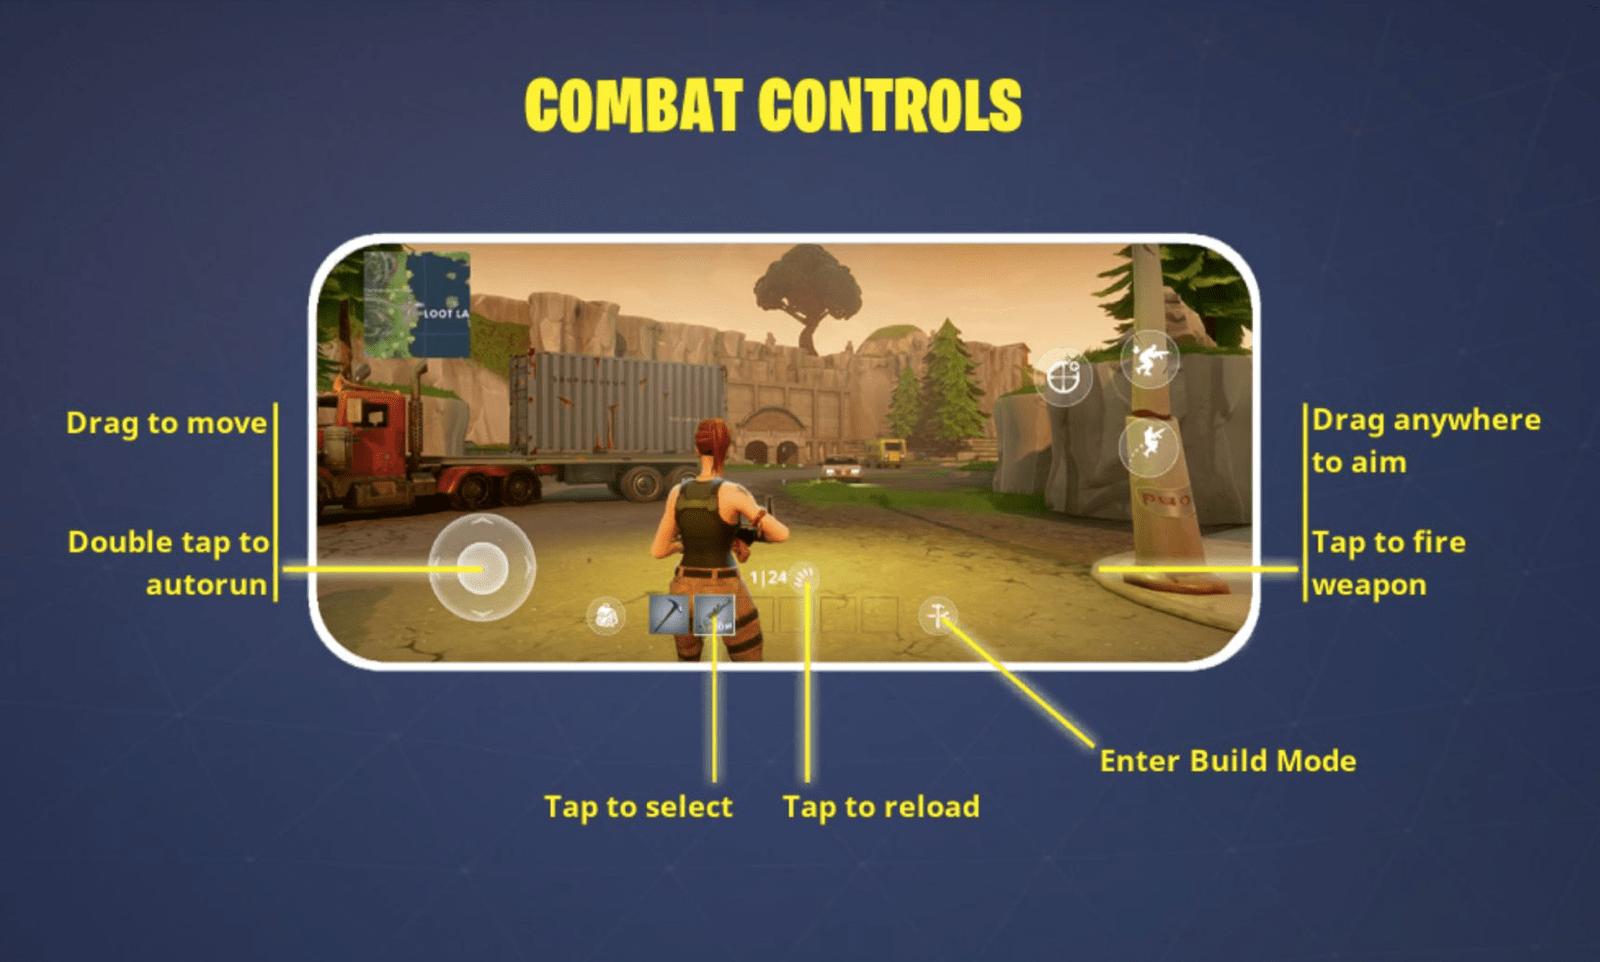 Image of Fortnite controls